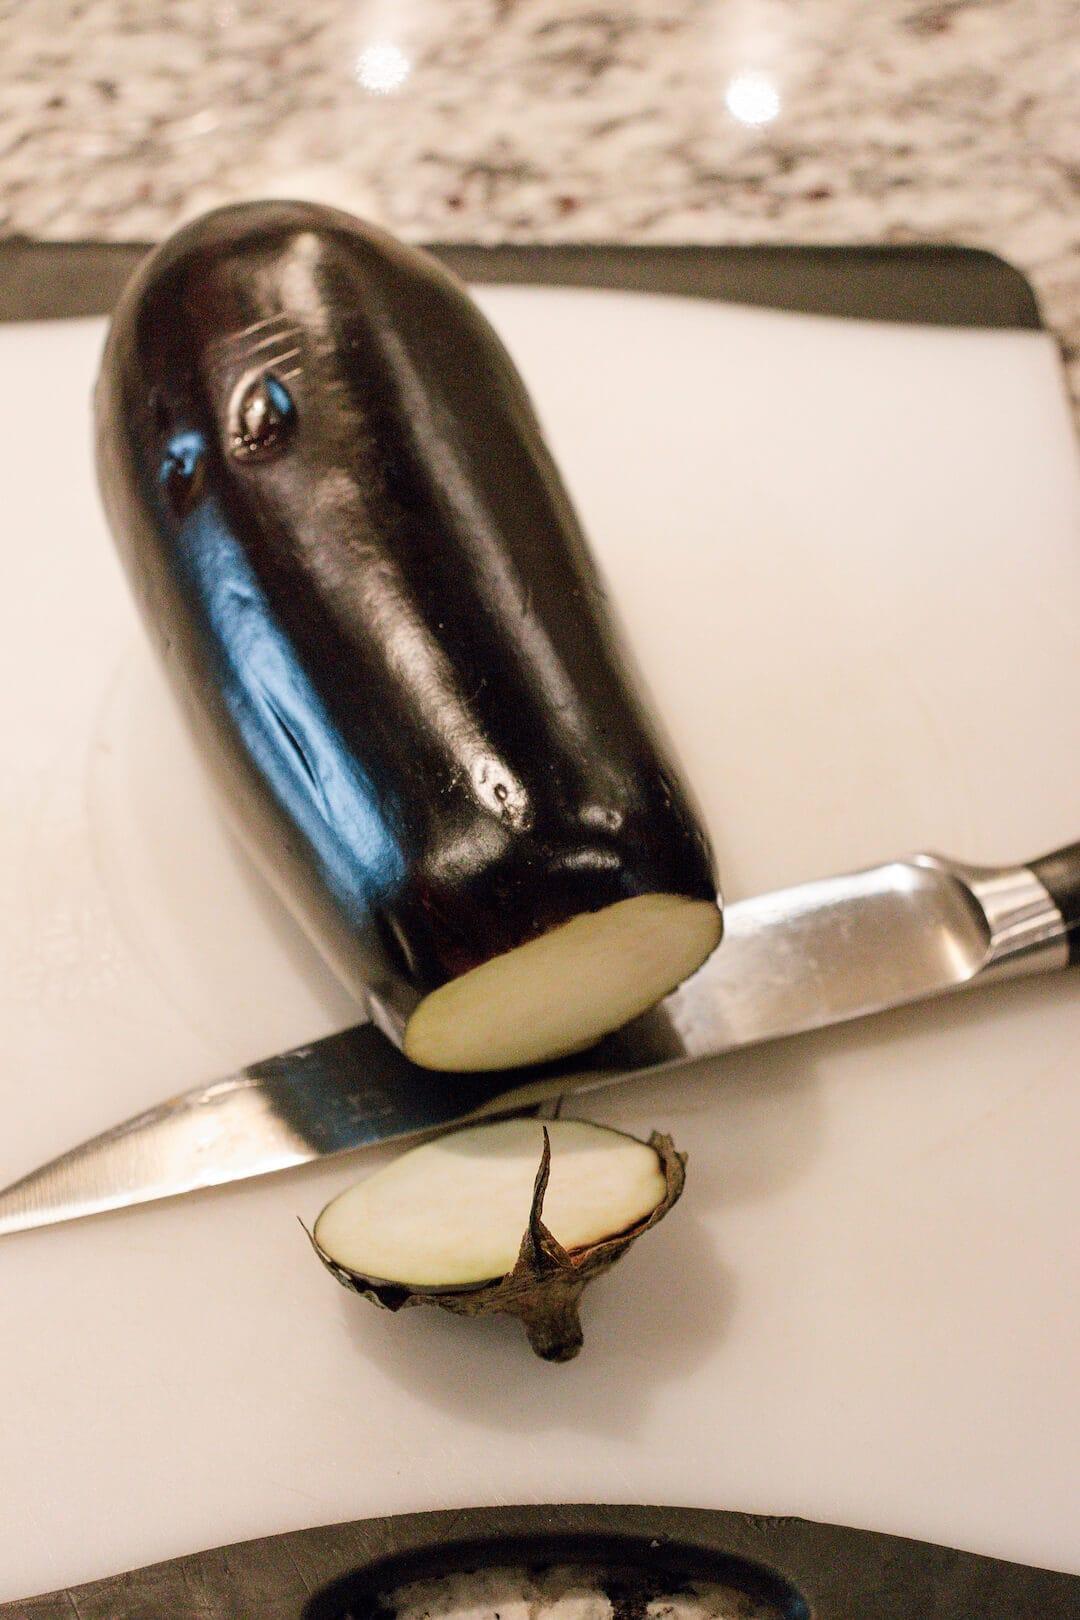 eggplant-lasagna-recipe